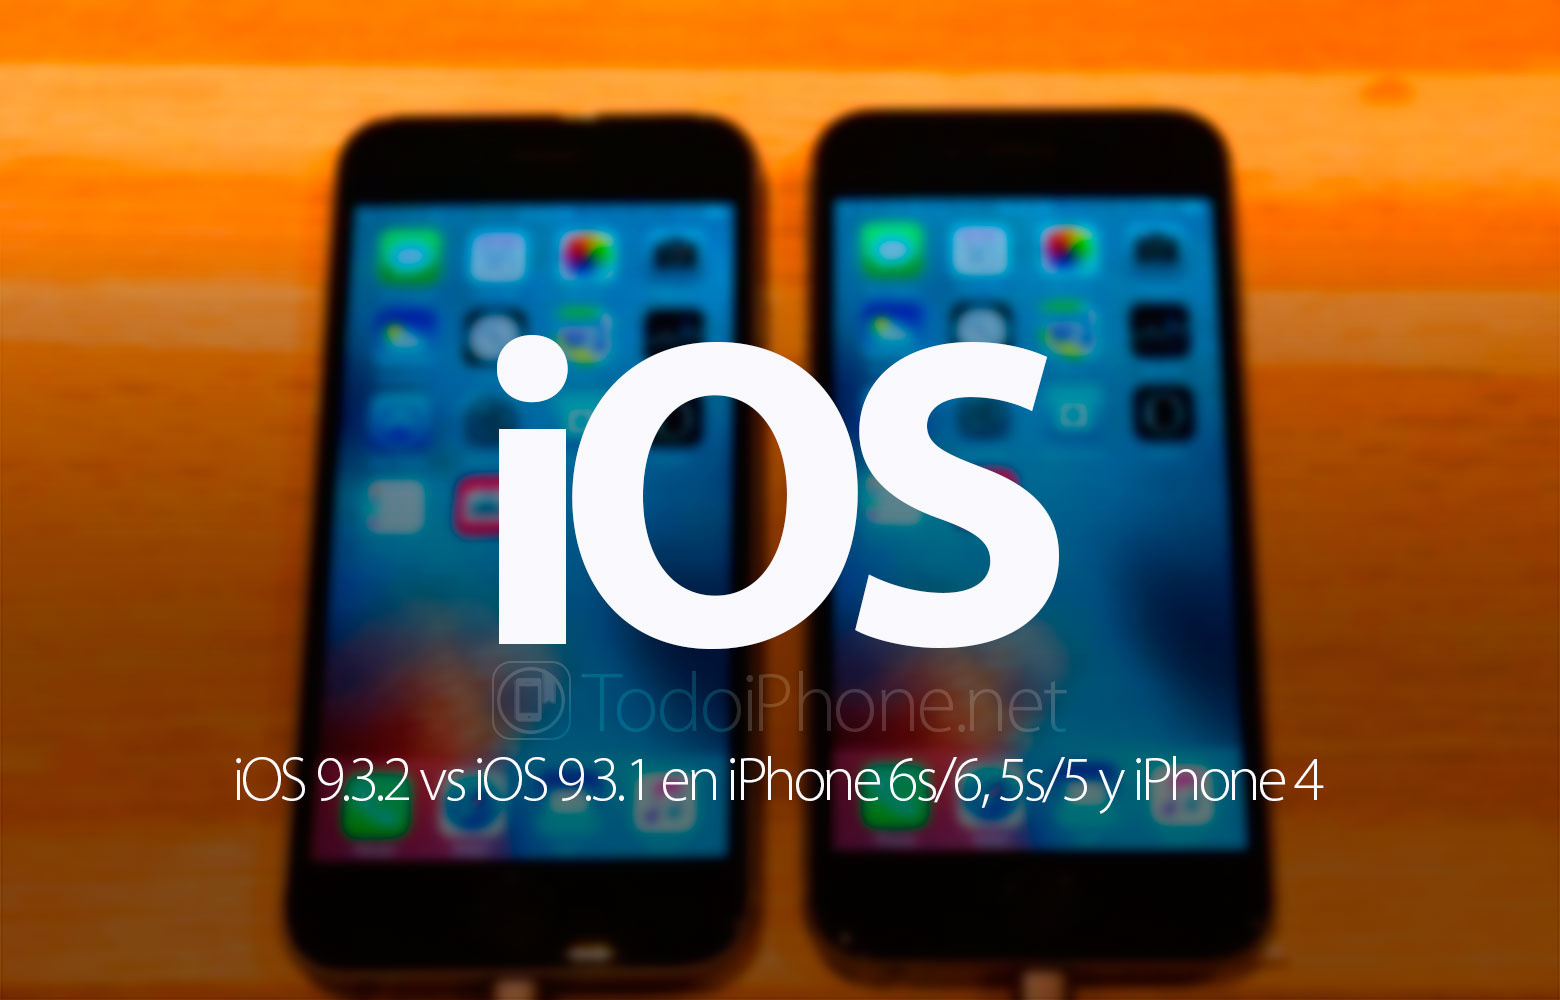 ios-9-3-2-vs-ios-9-3-1-iphone-4s-5-5s-6-6s